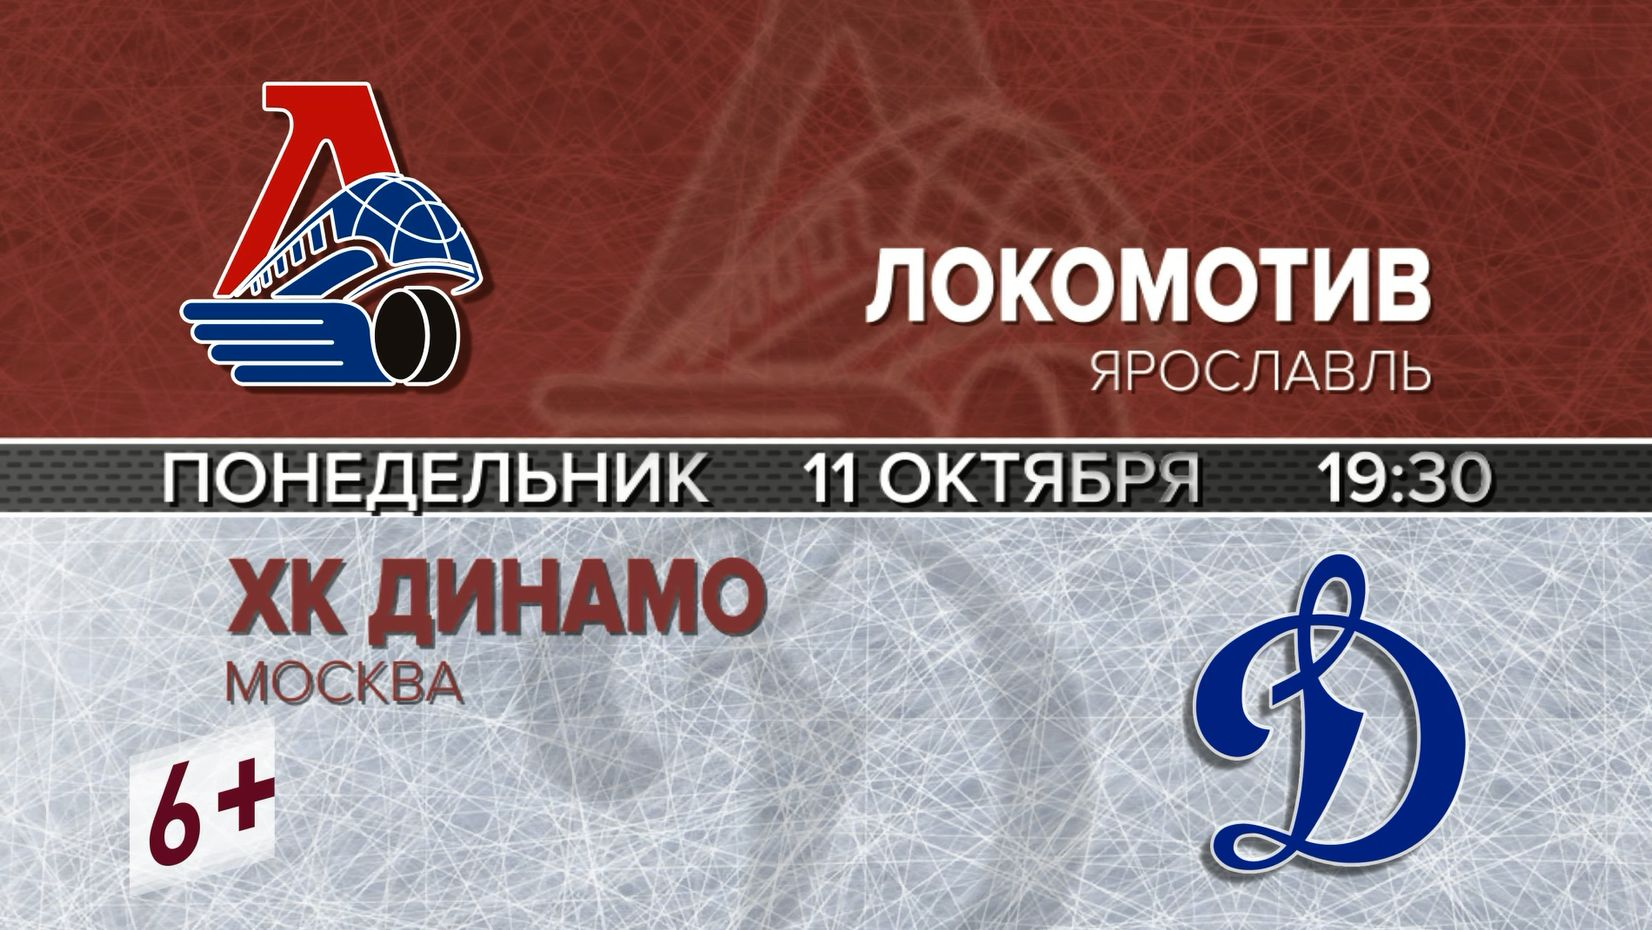 Ярославский «Локомотив» готовится ко встрече со столичным «Динамо»